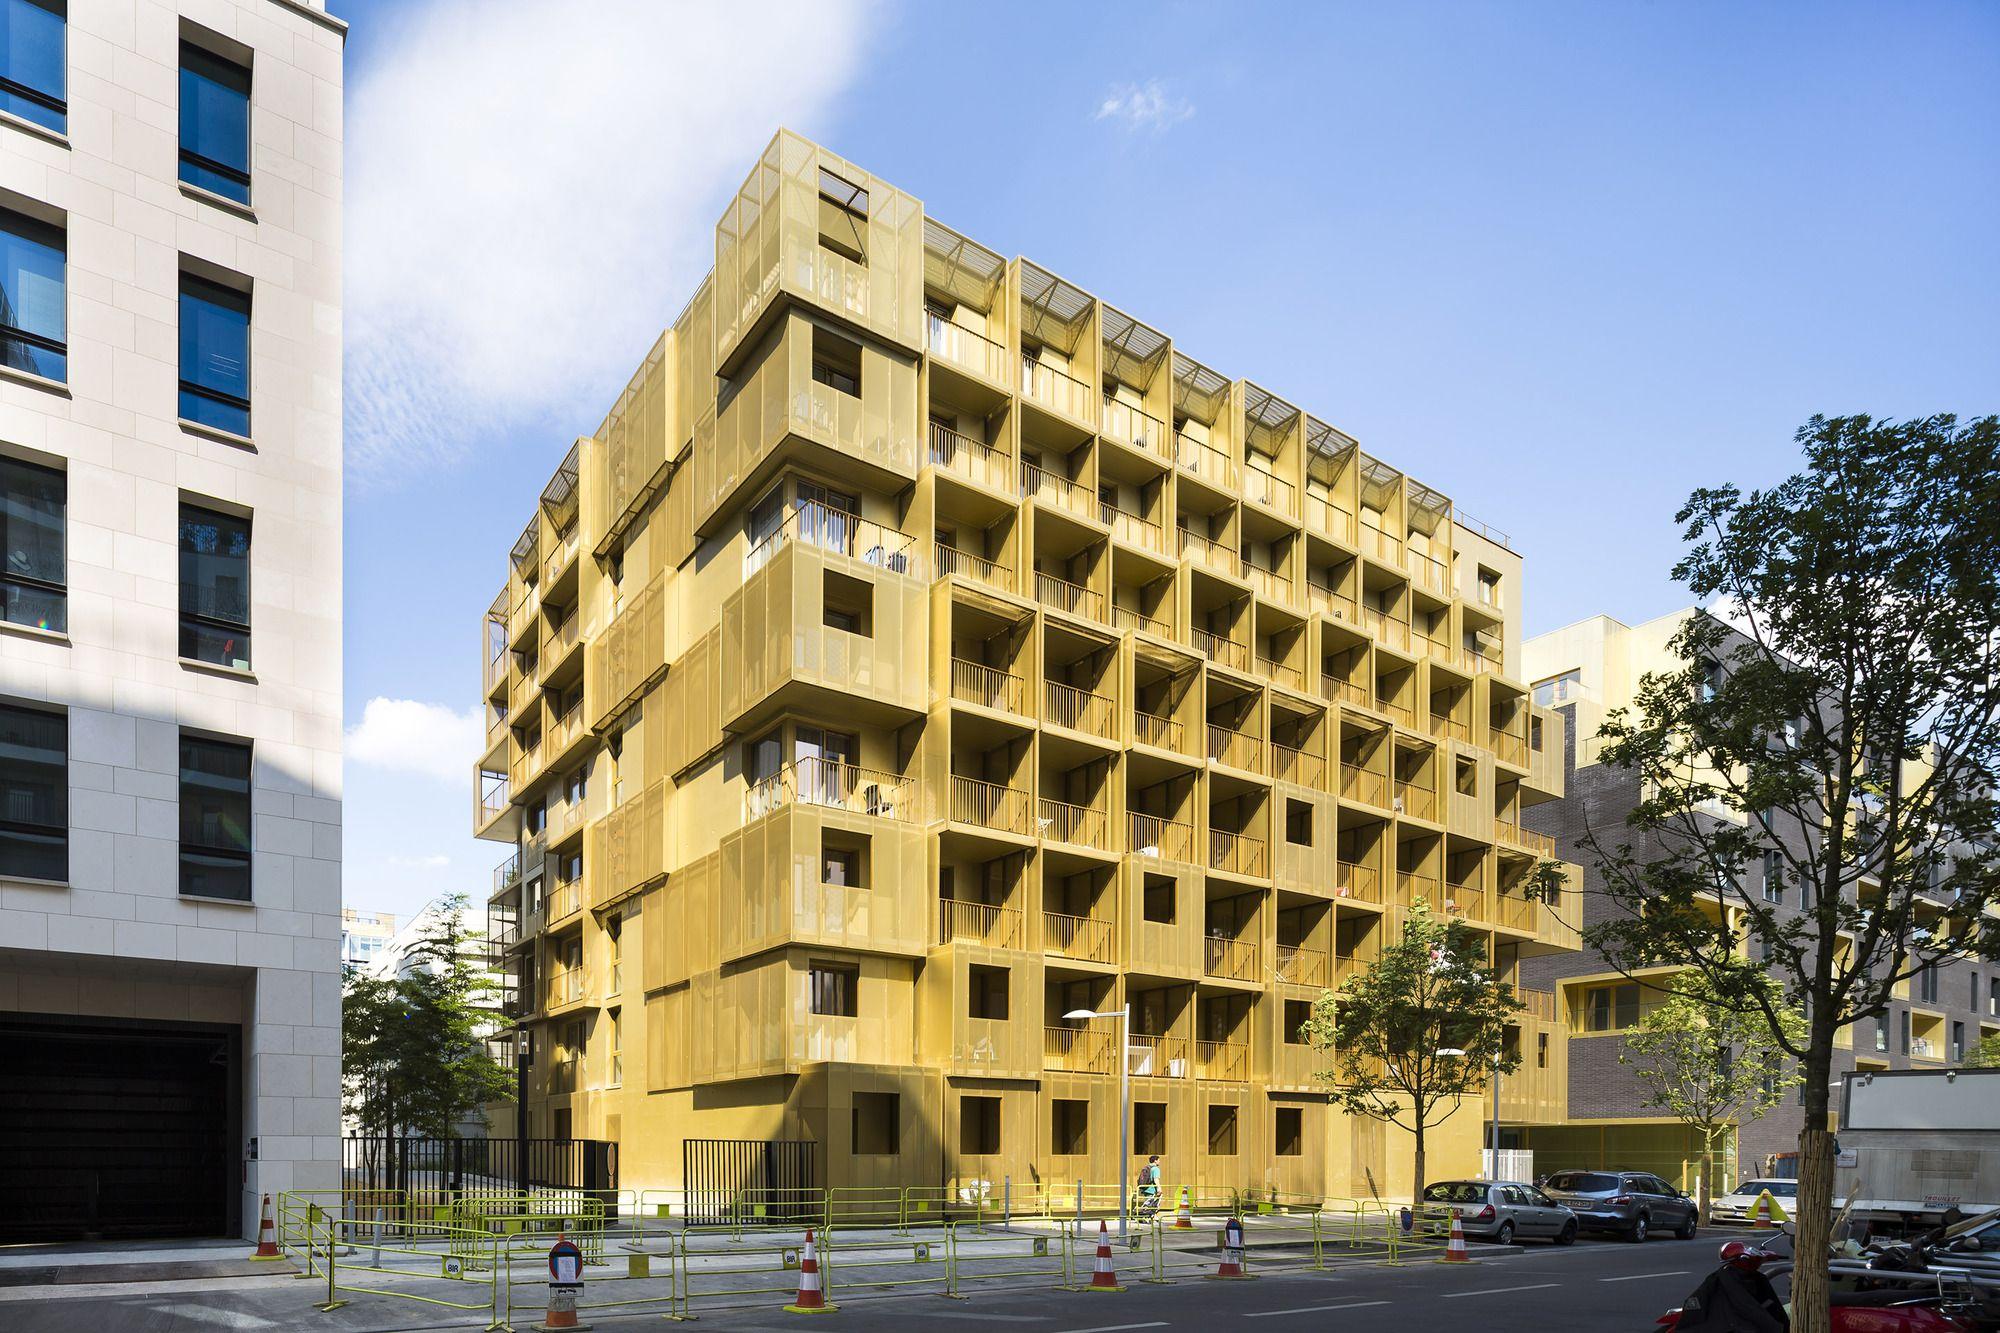 Golden Cube / Hamonic + Masson & Associés